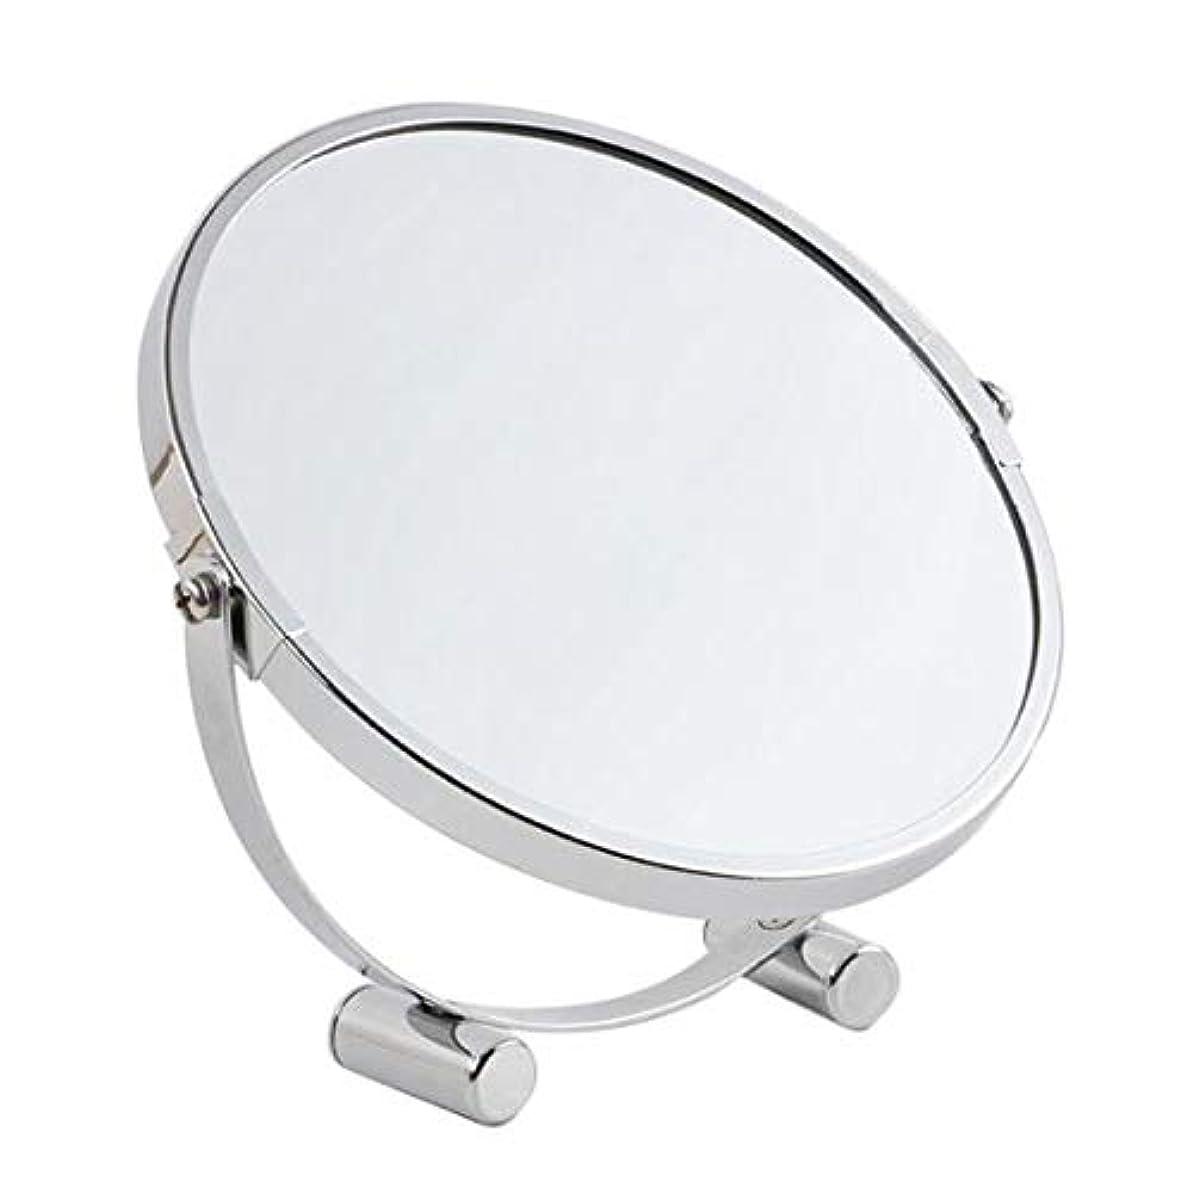 丘眉ドームTHINKELS-TECH 7インチ化粧鏡両面1X/2X倍率360度回転旅行用ミラー トラベルミラーベース取り外し可能